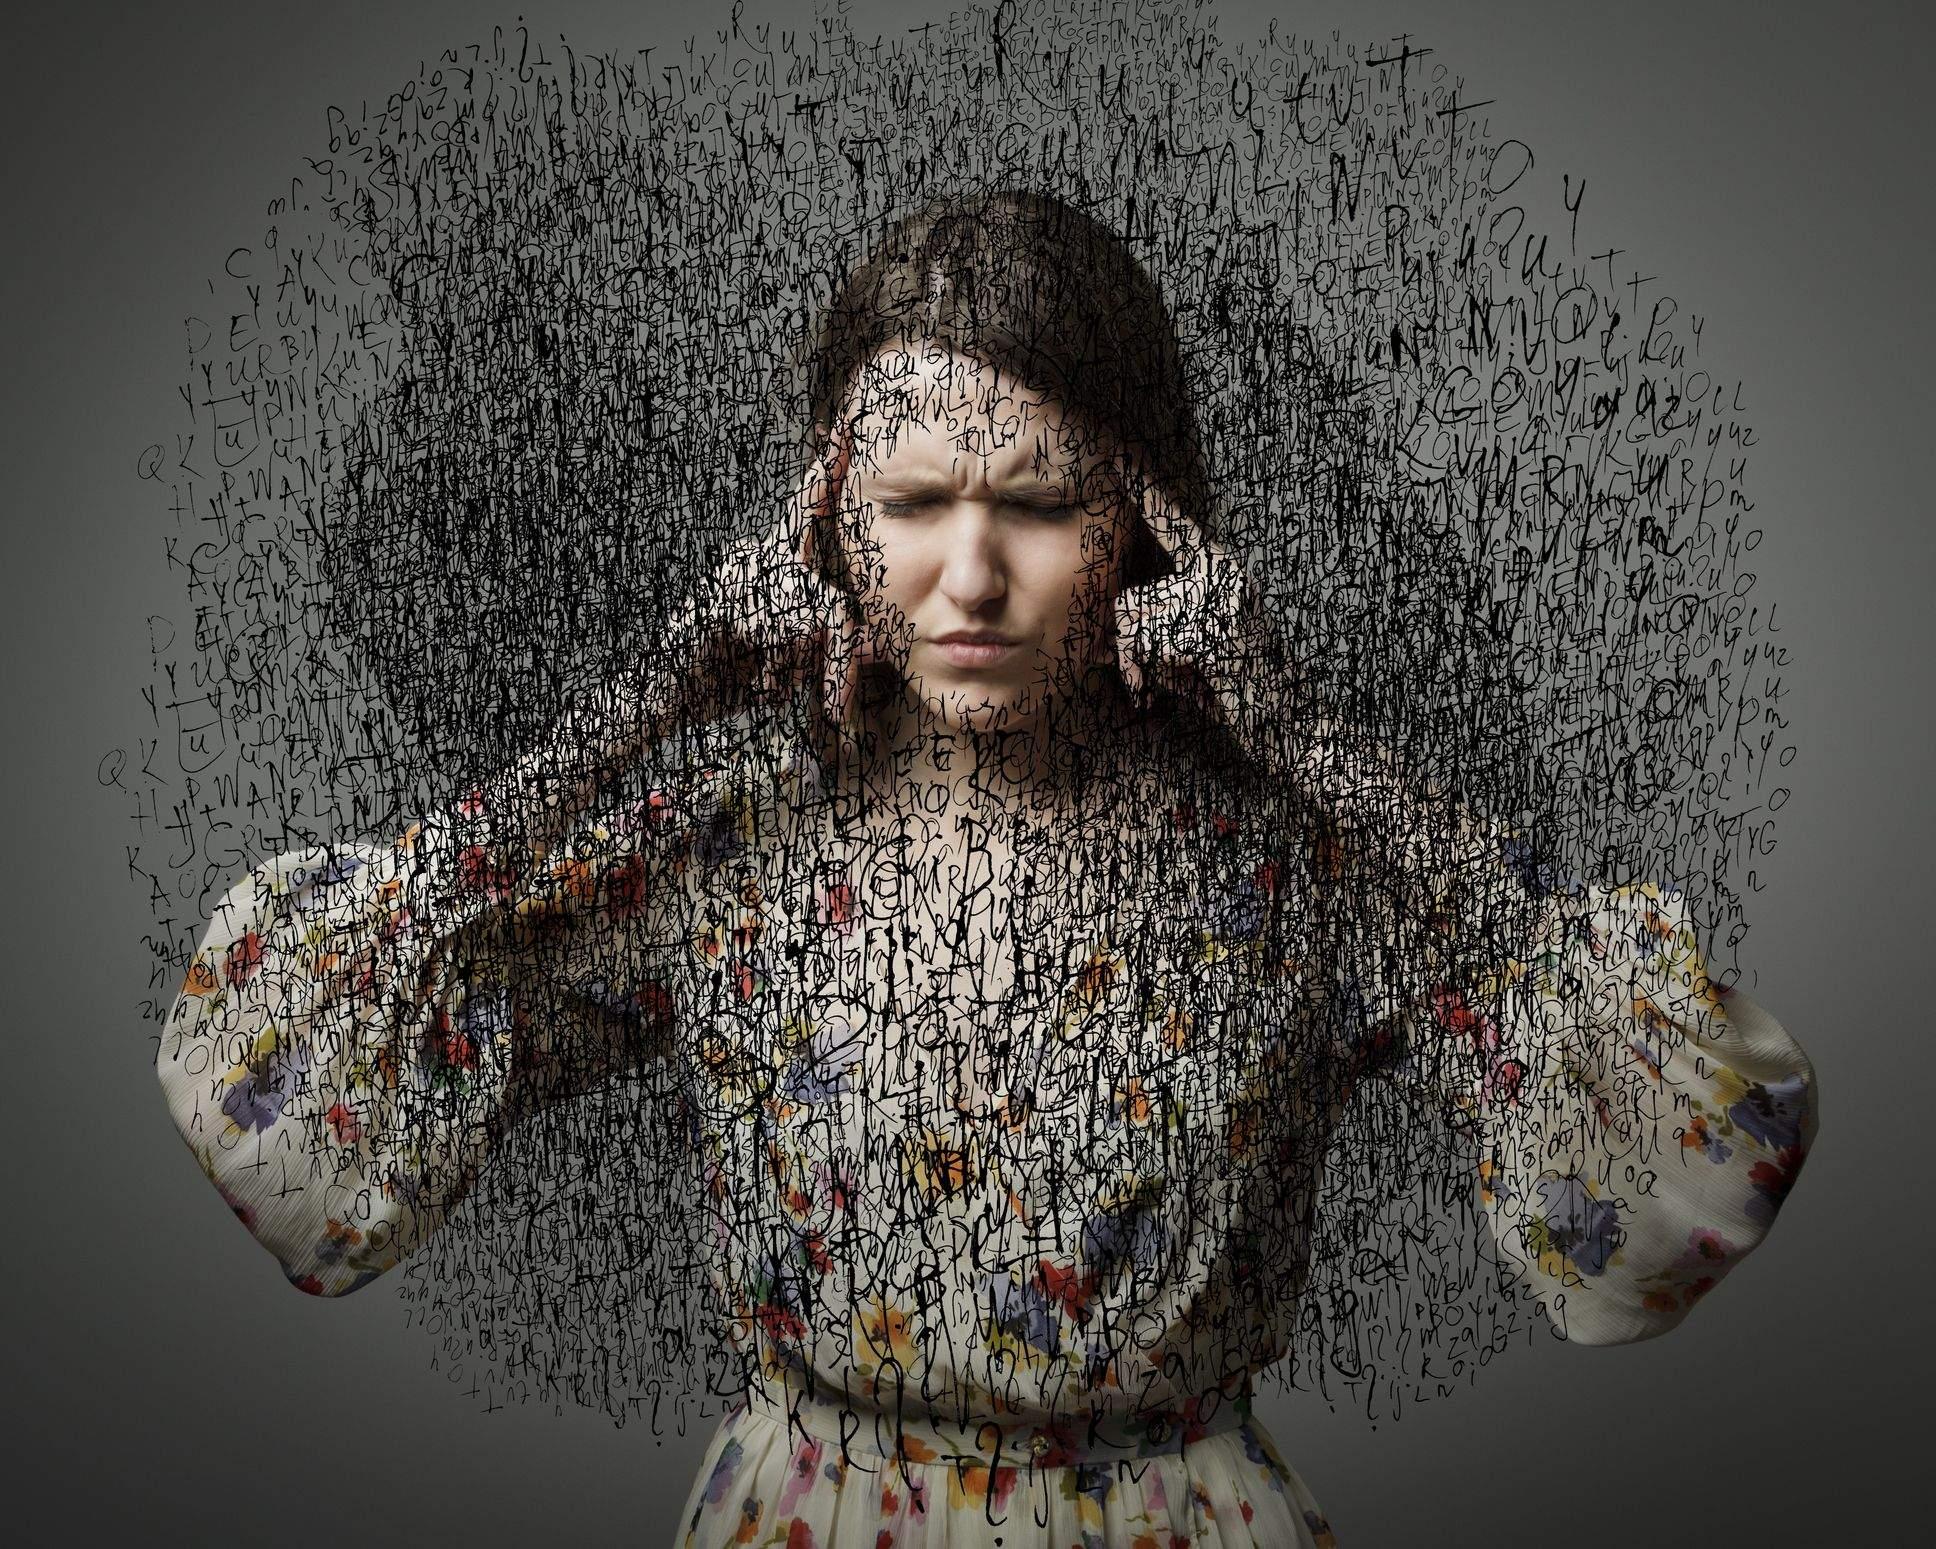 у кожної людини можуть виникати навязливі думки